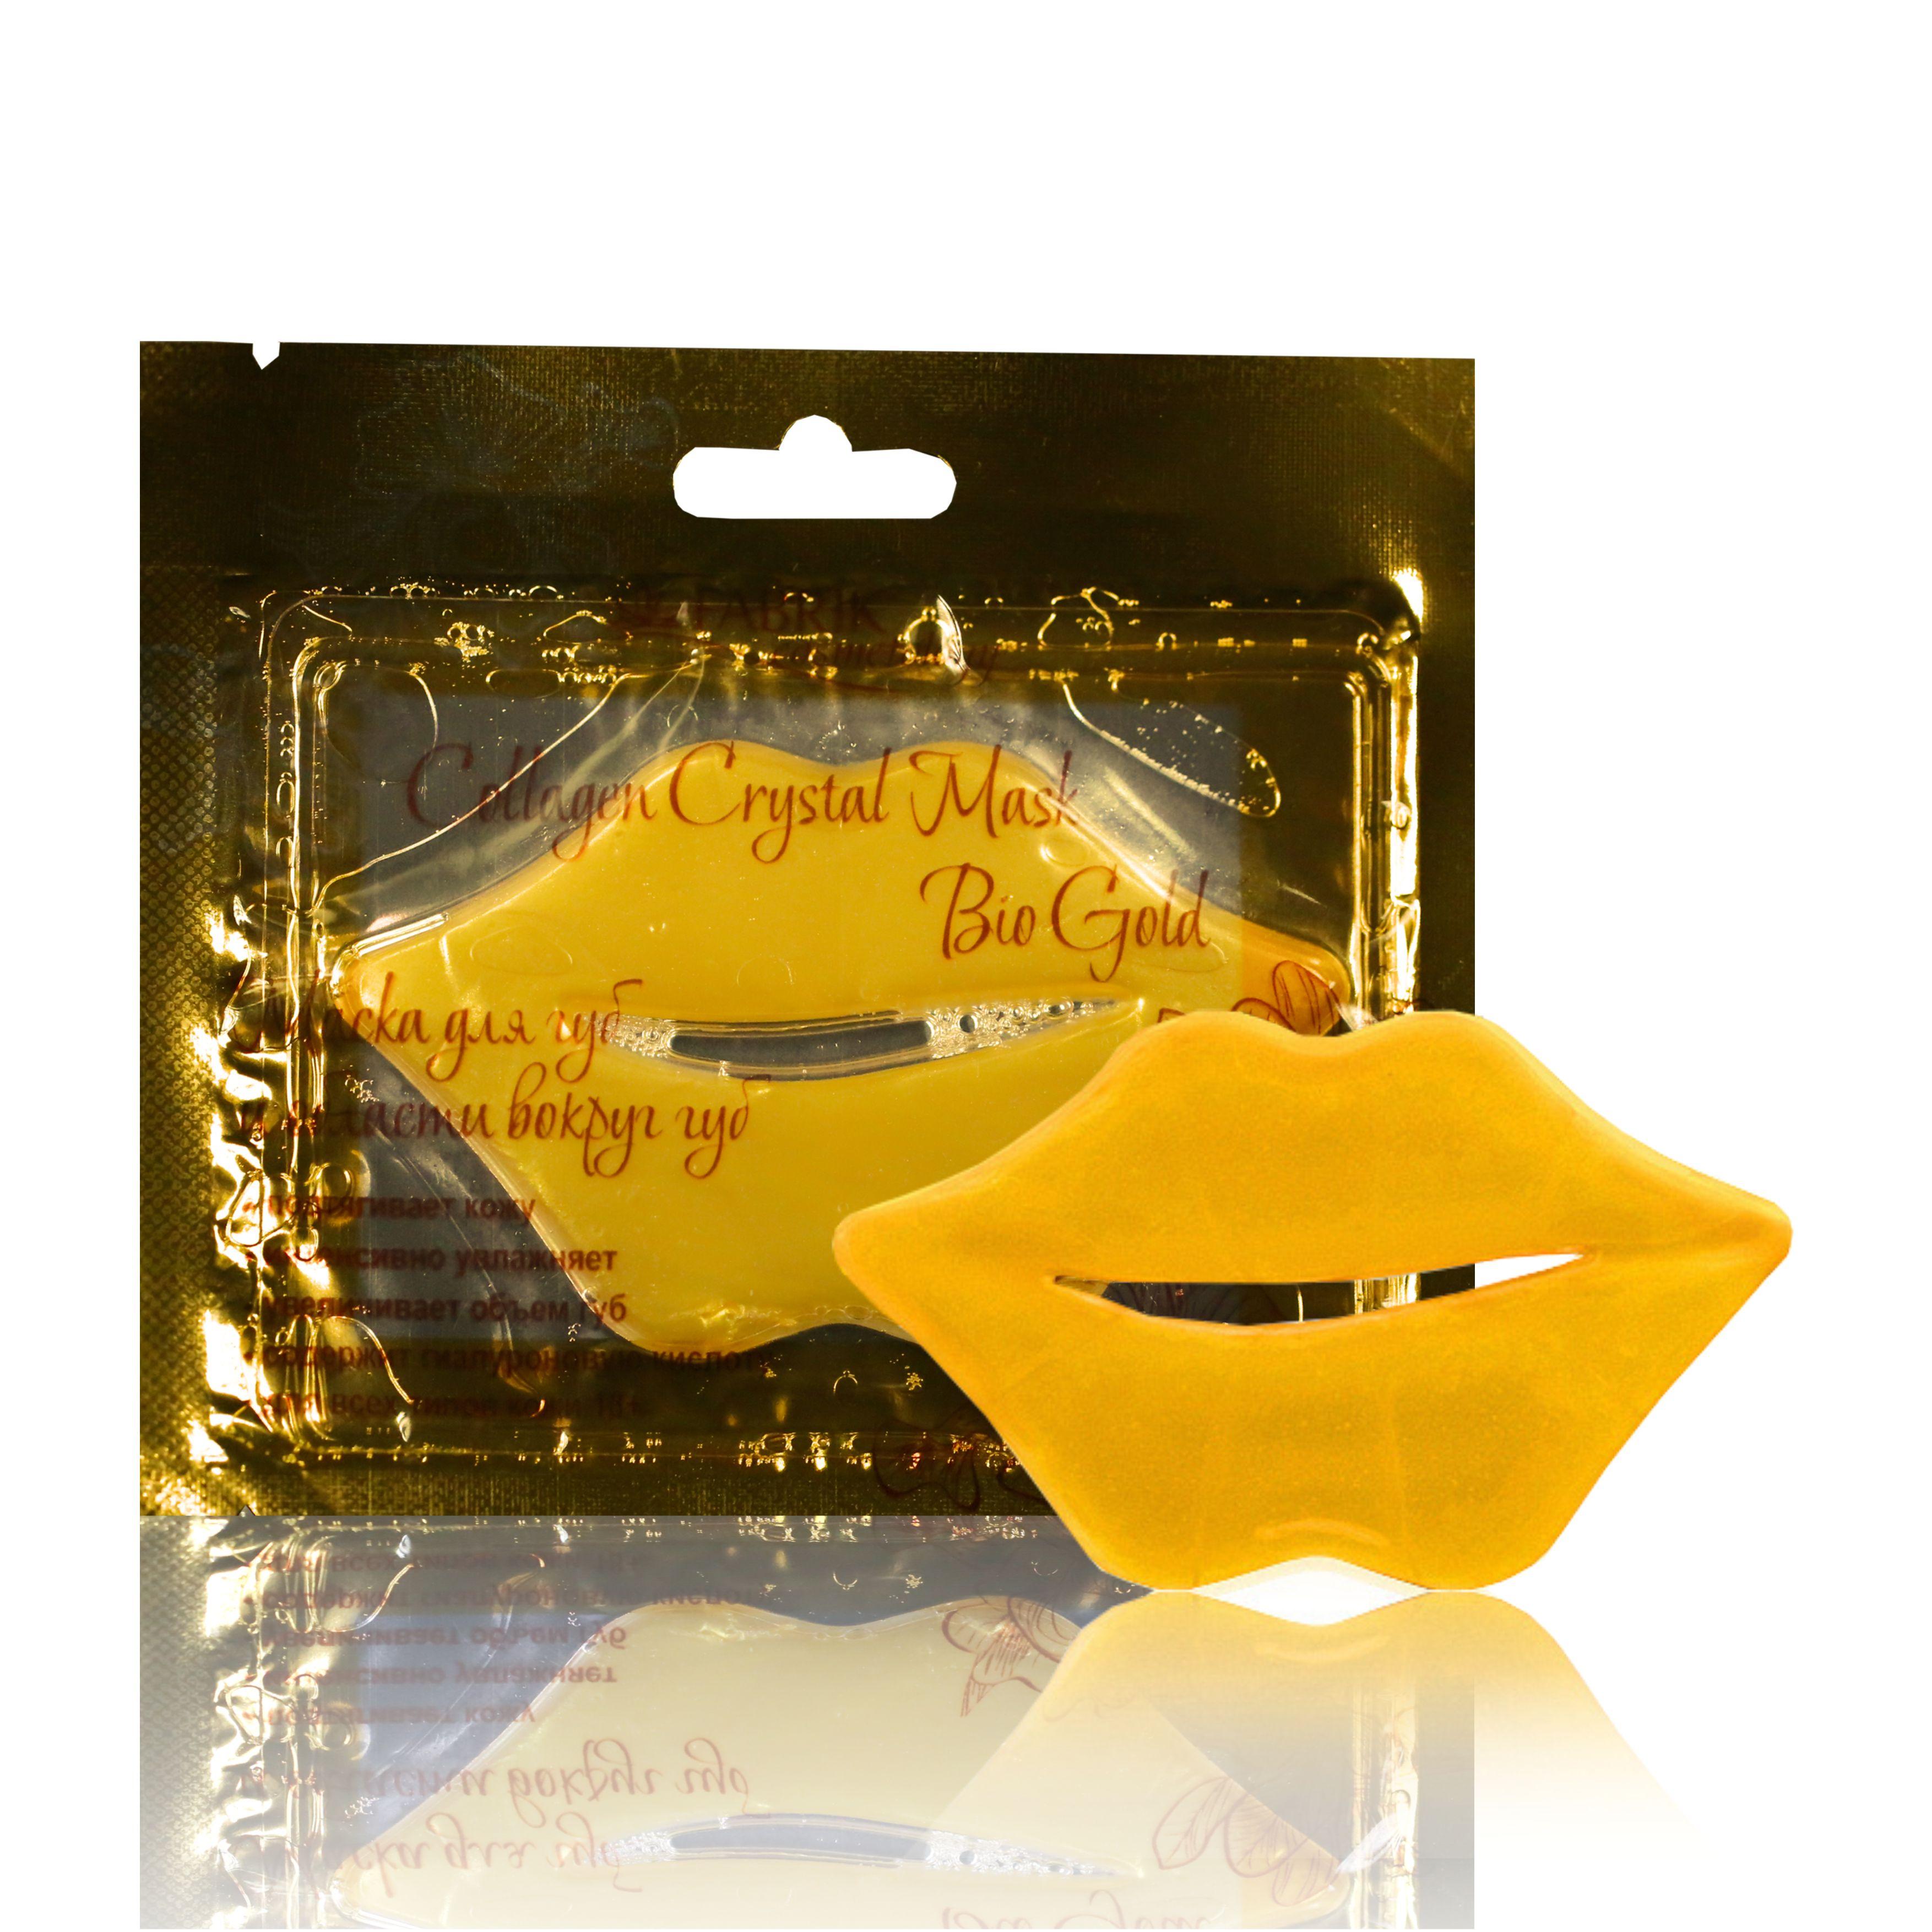 FABRIK cosmetology Маска коллагеновая для губ и области вокруг губ с био золотом 8гр